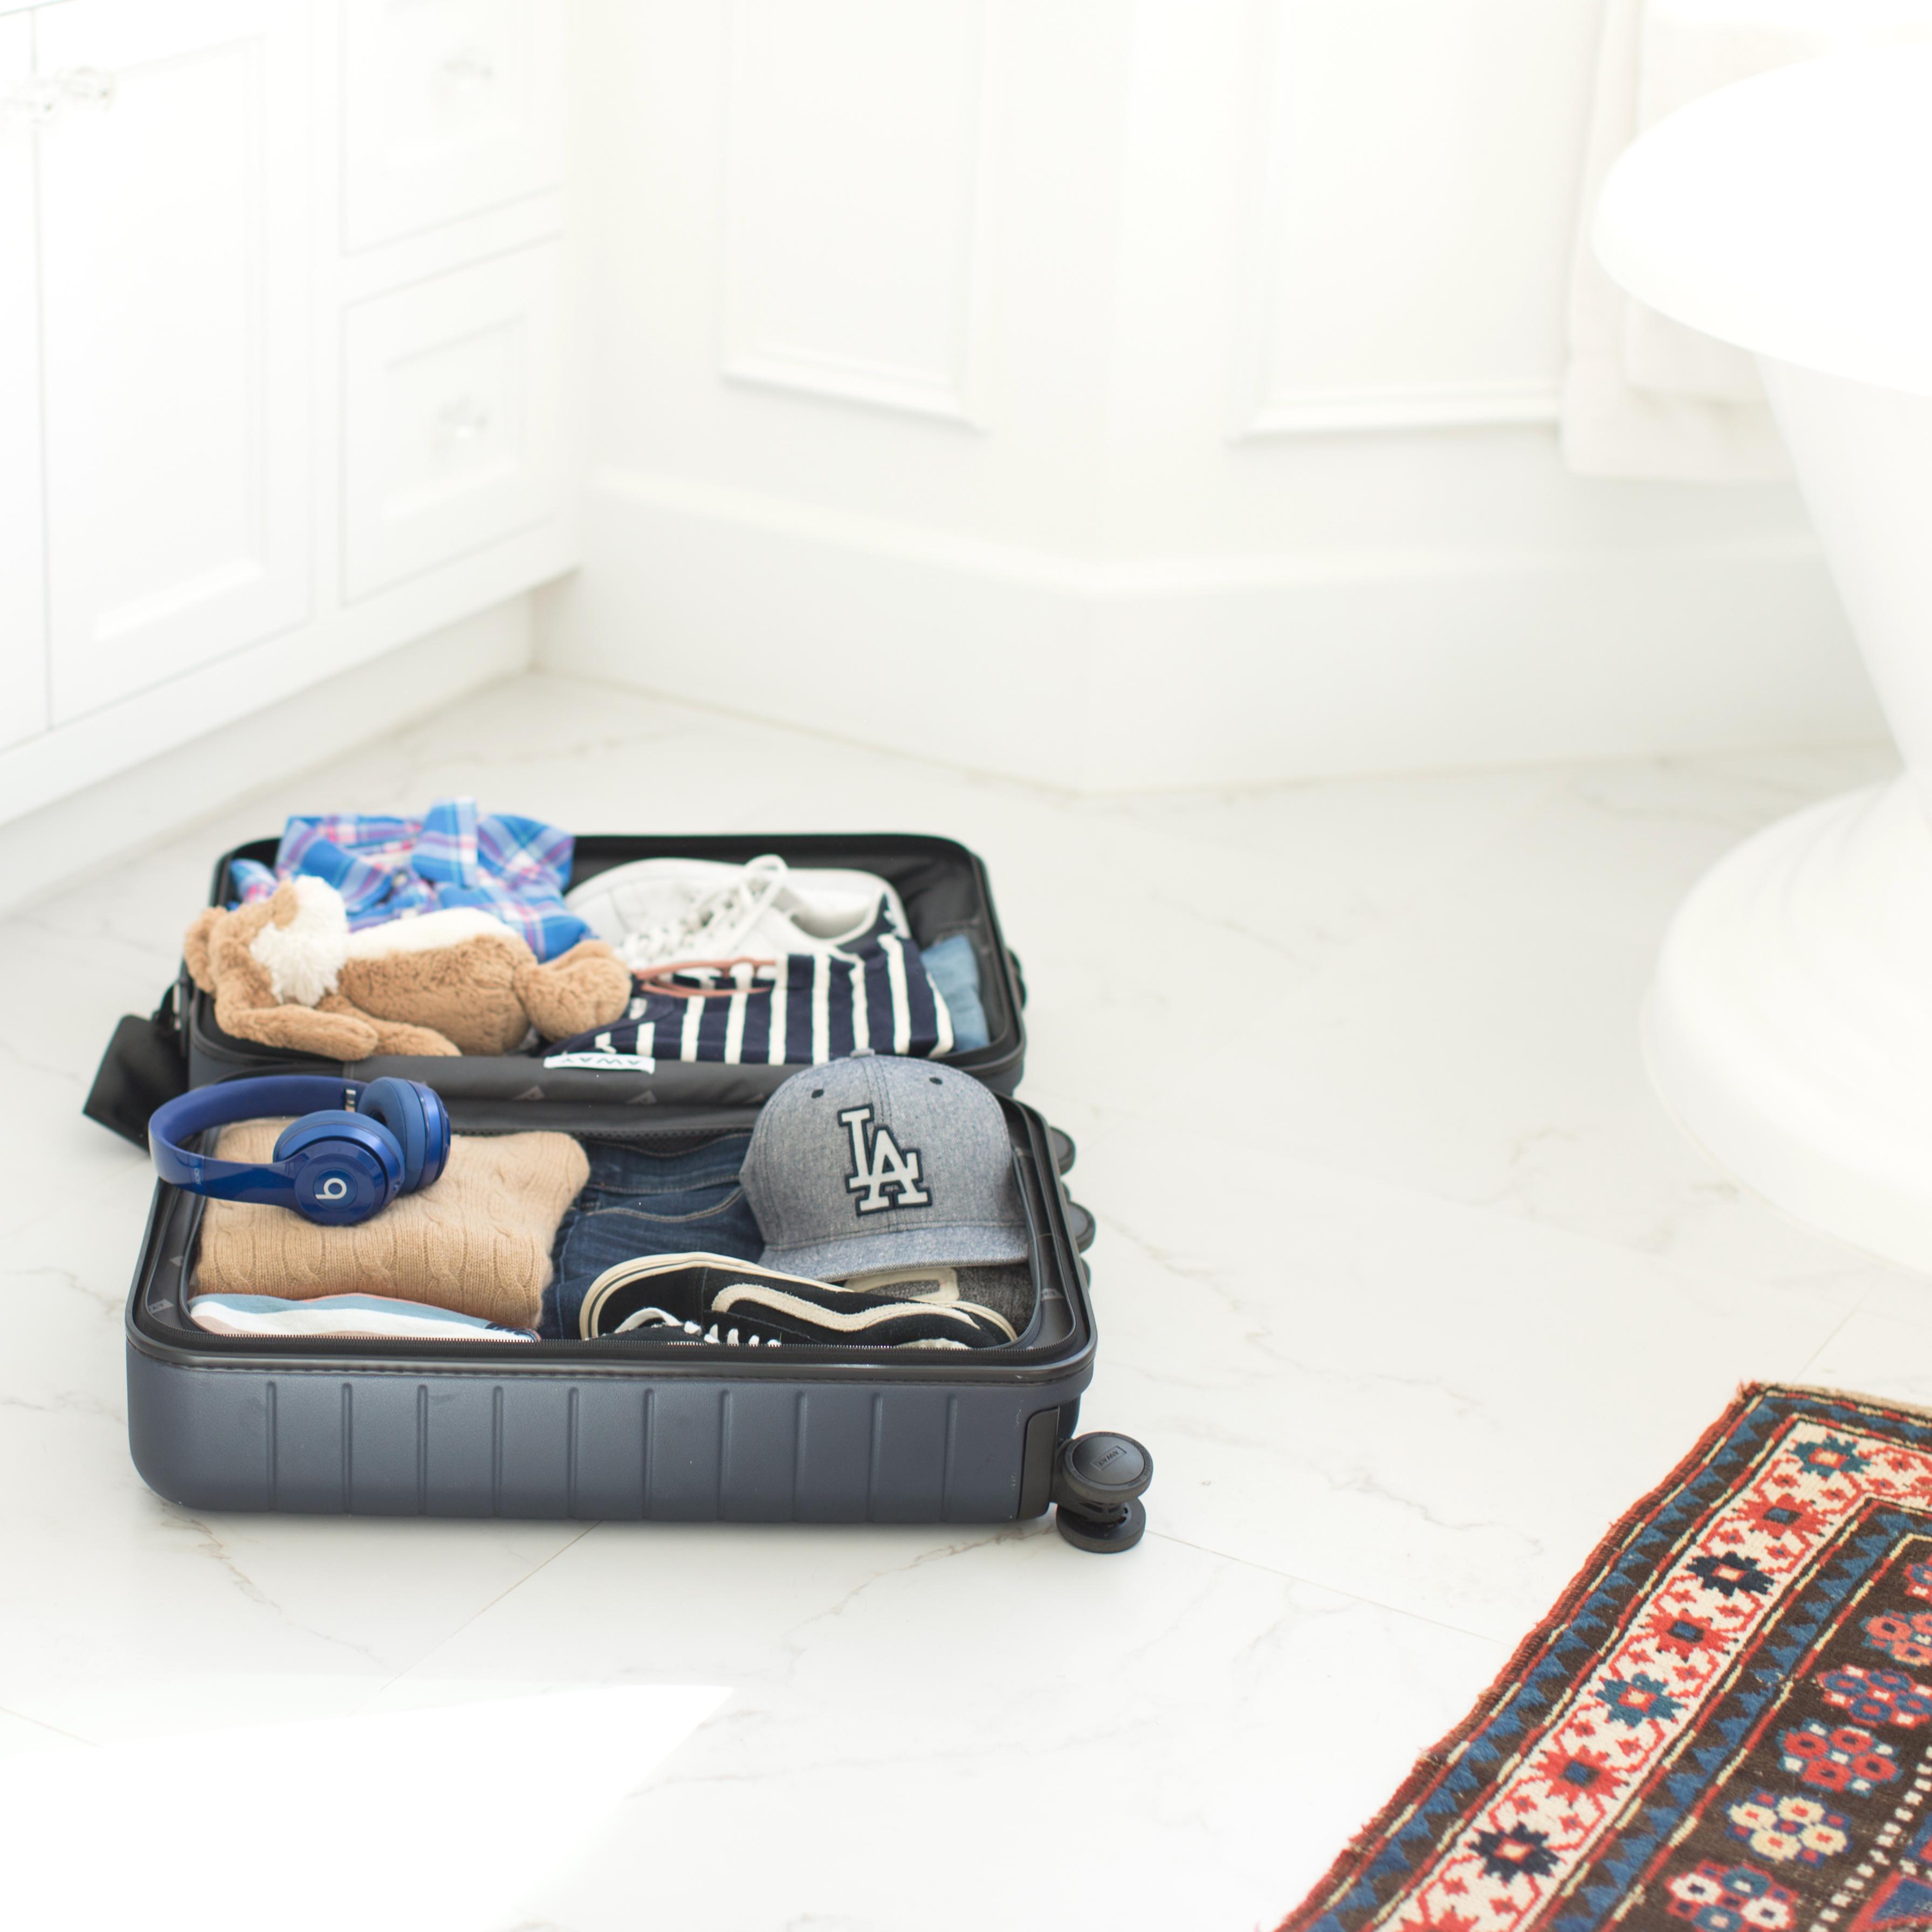 Weyv: Stress-Free Ways to Travel With Kids